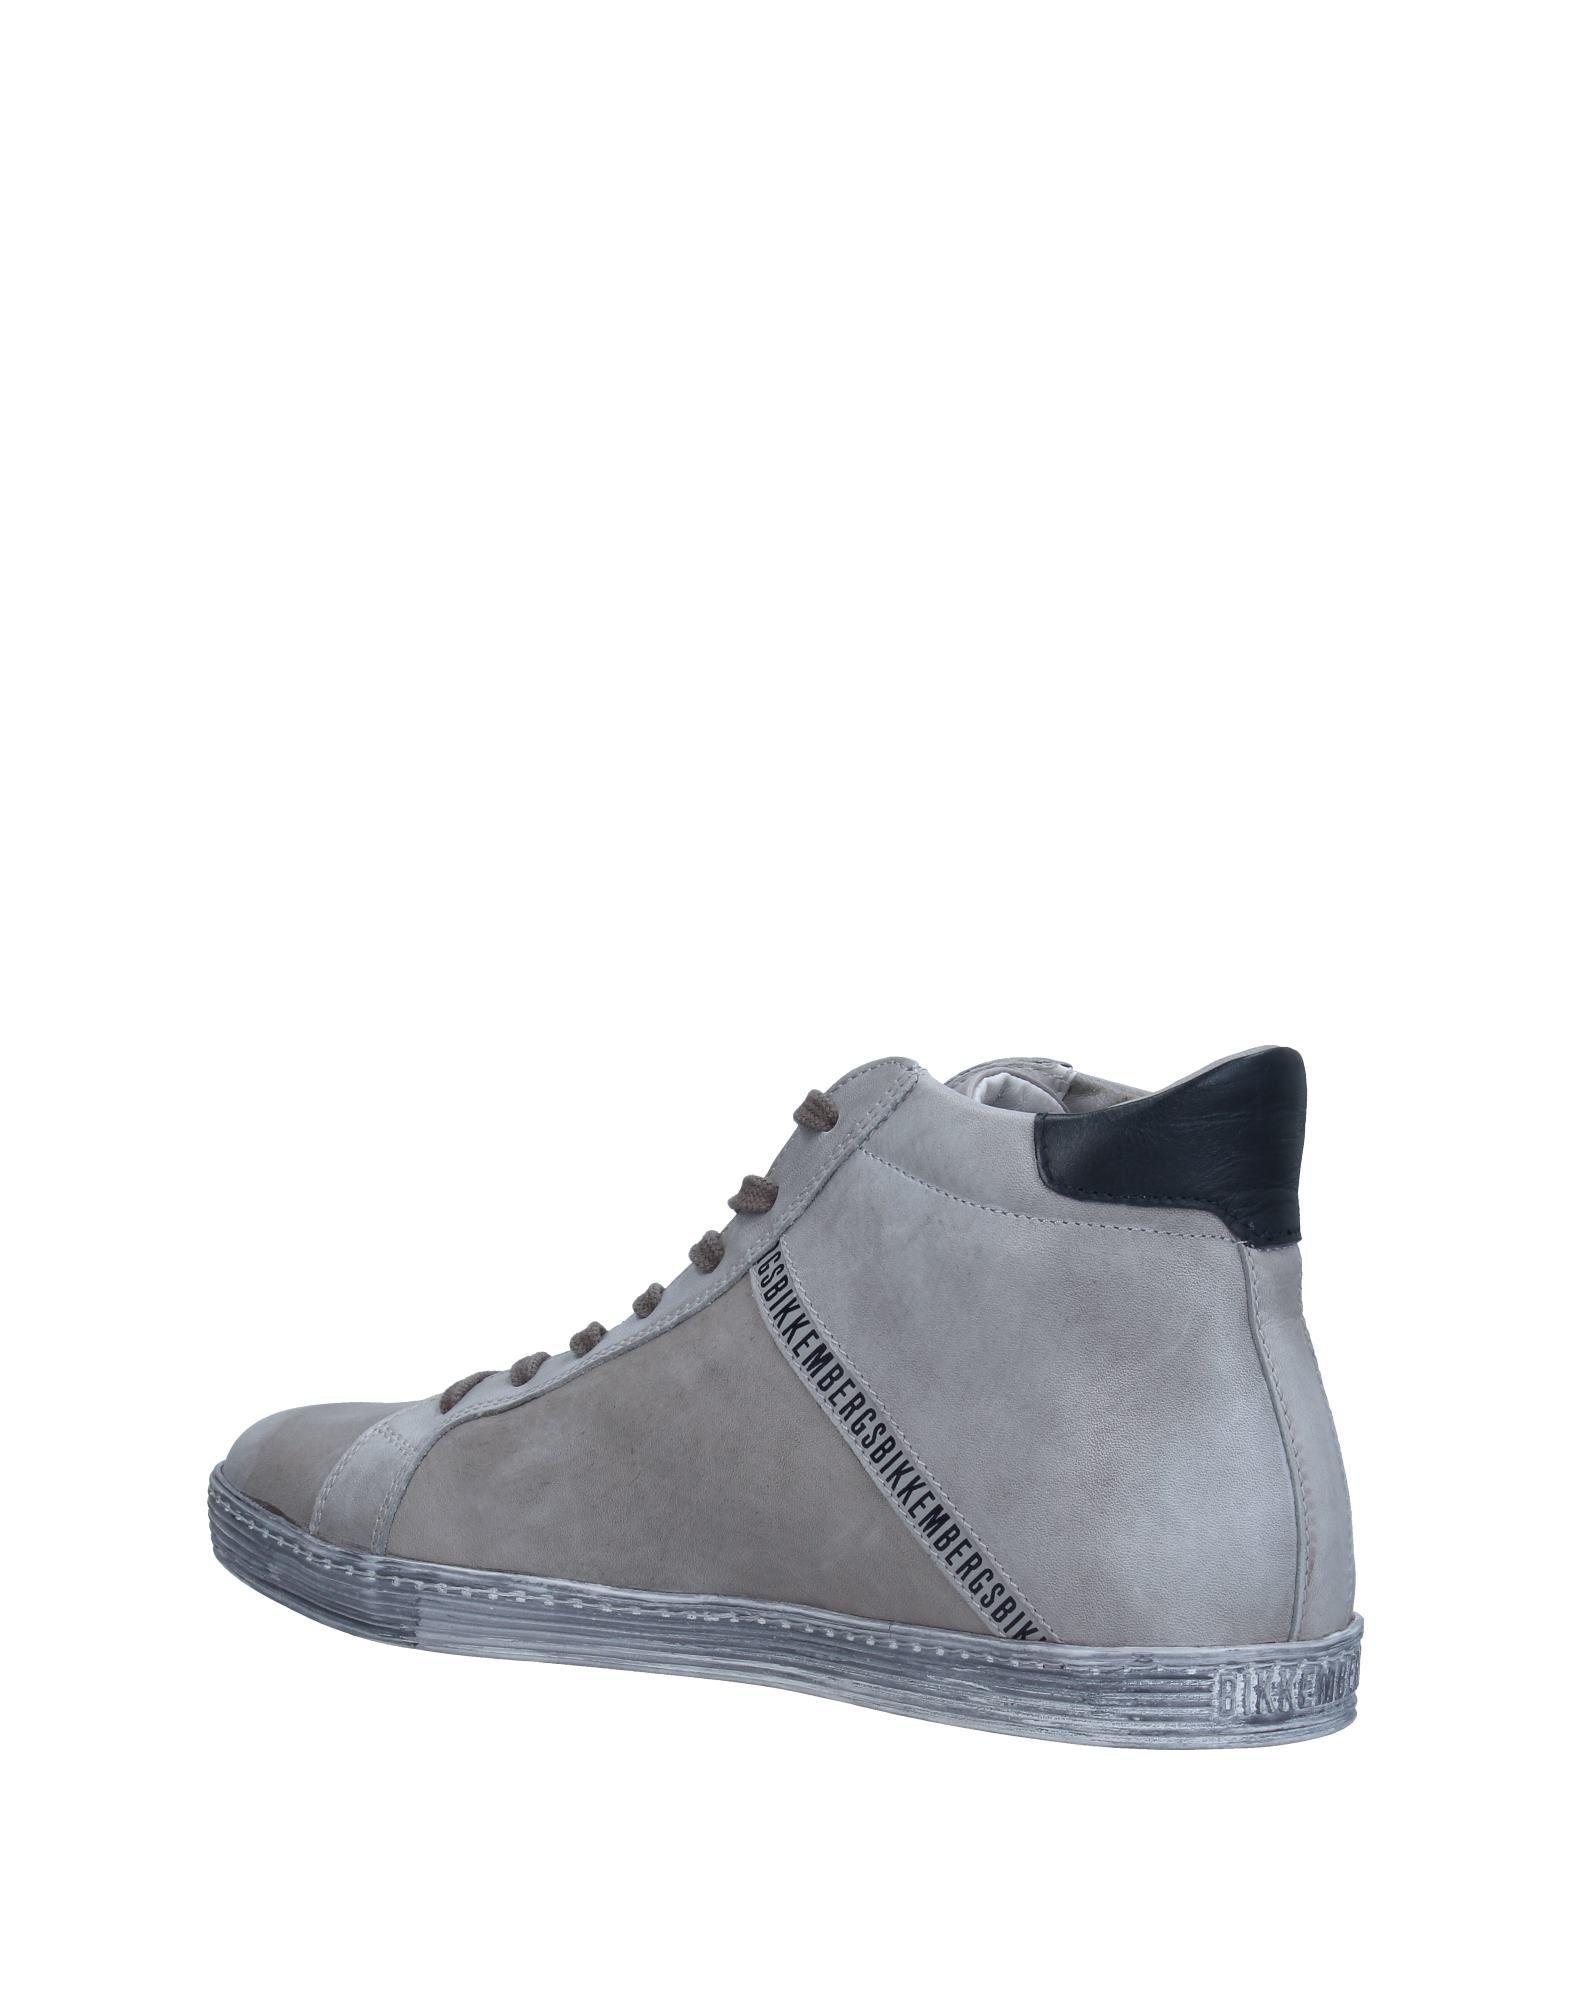 Rabatt echte Schuhe Bikkembergs Sneakers Herren  11331993LC